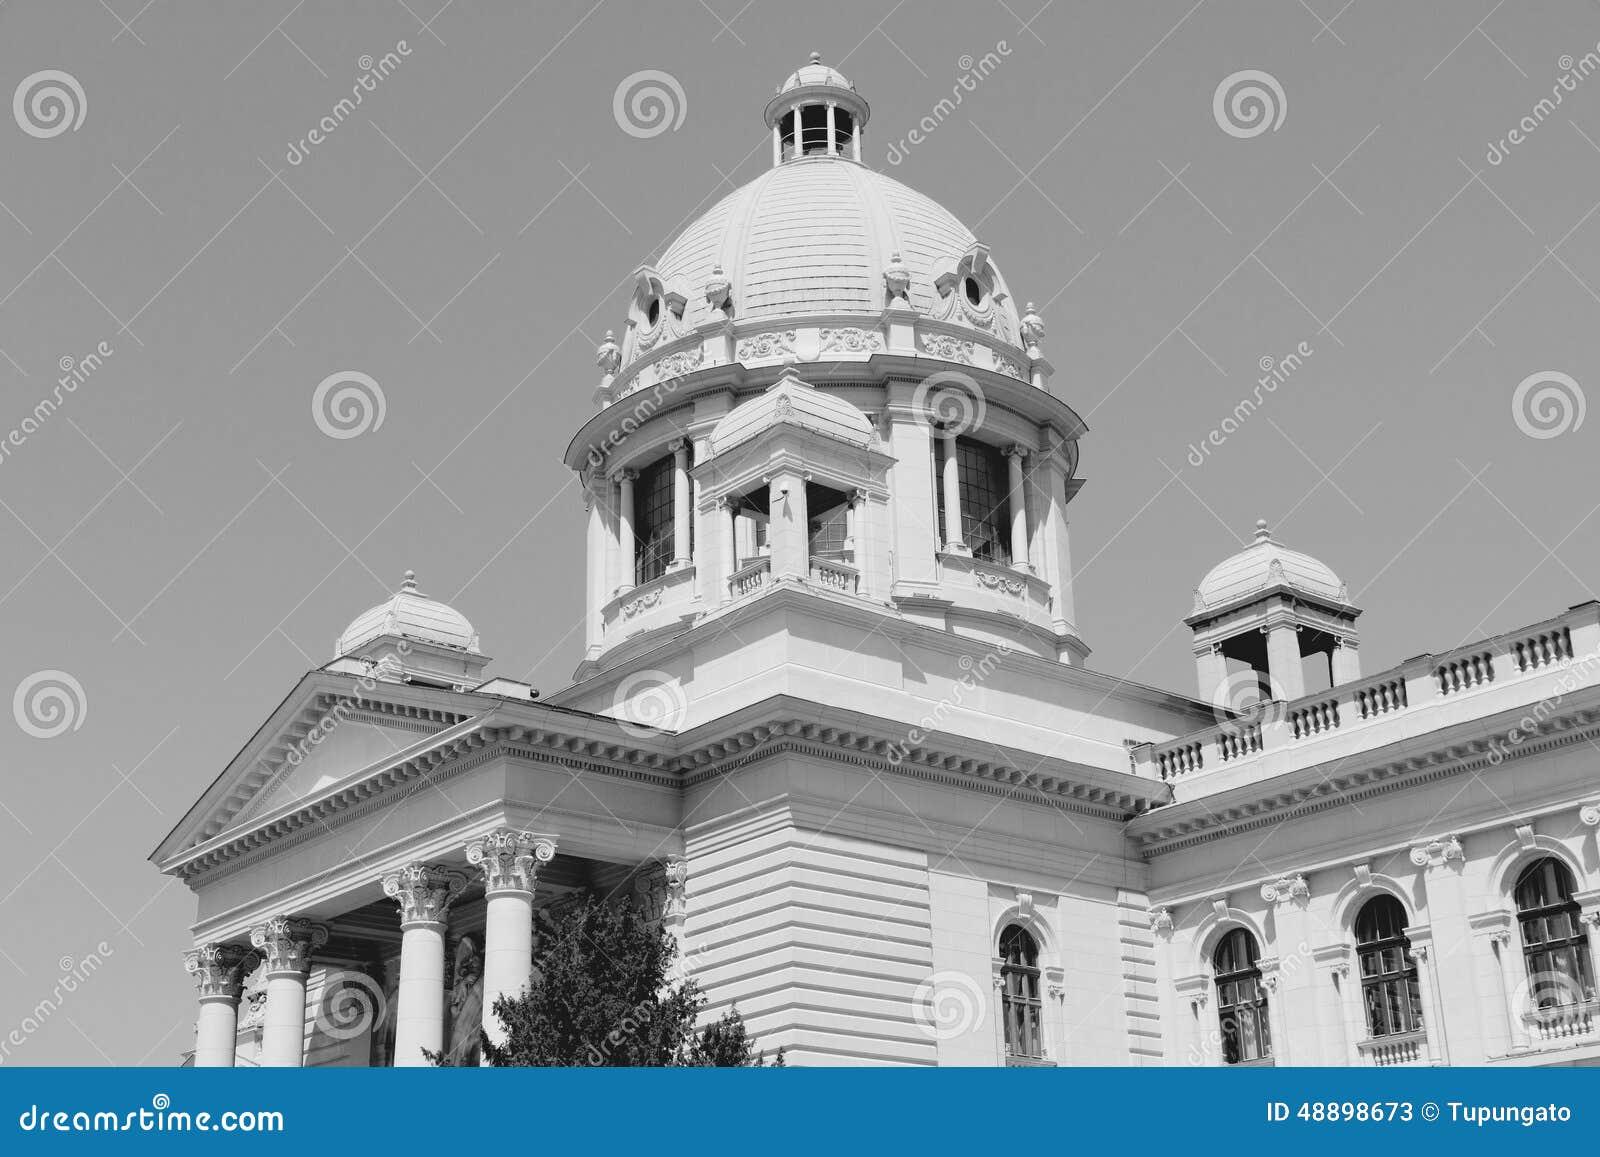 Το Κοινοβούλιο της Σερβίας